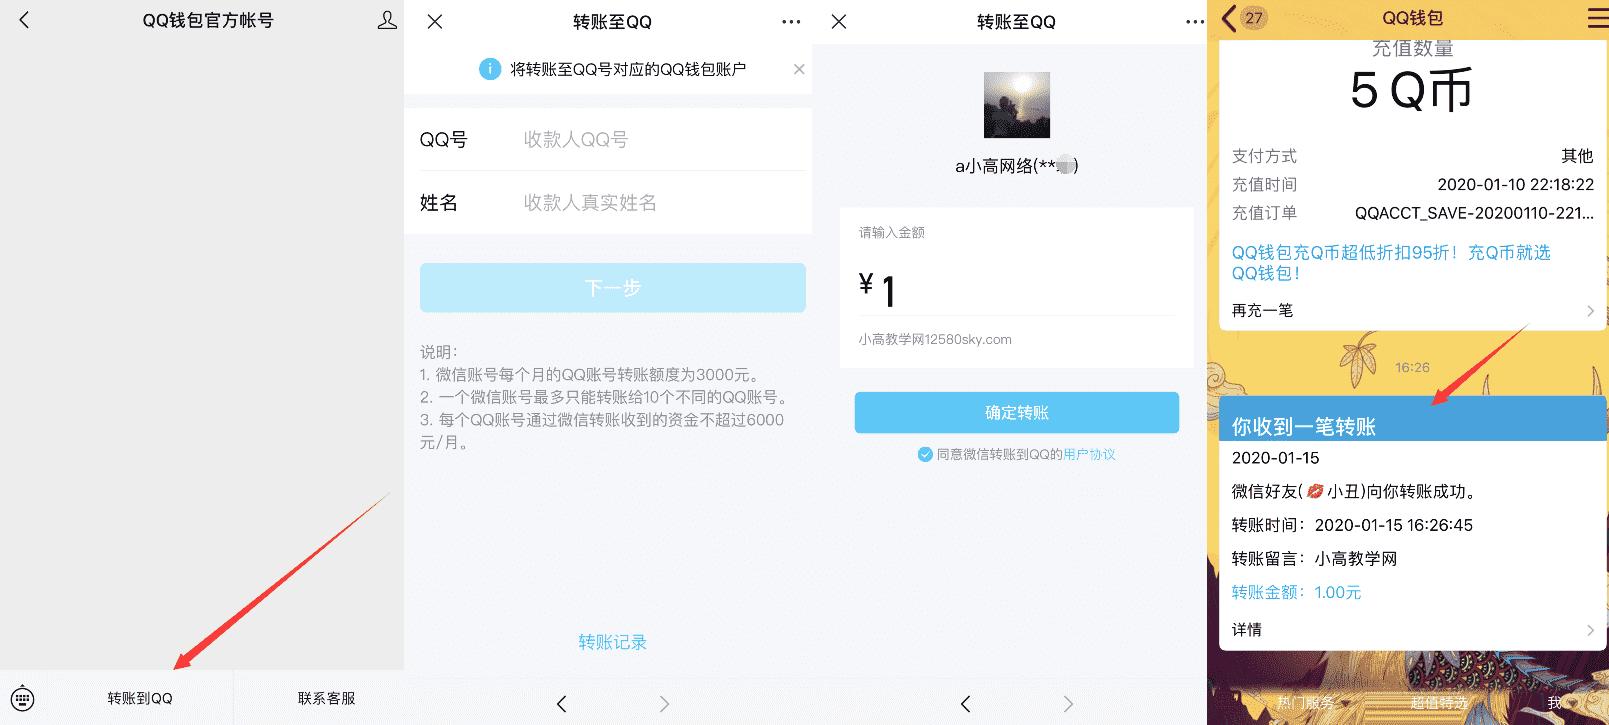 微信余额可以直接转账到QQ上了